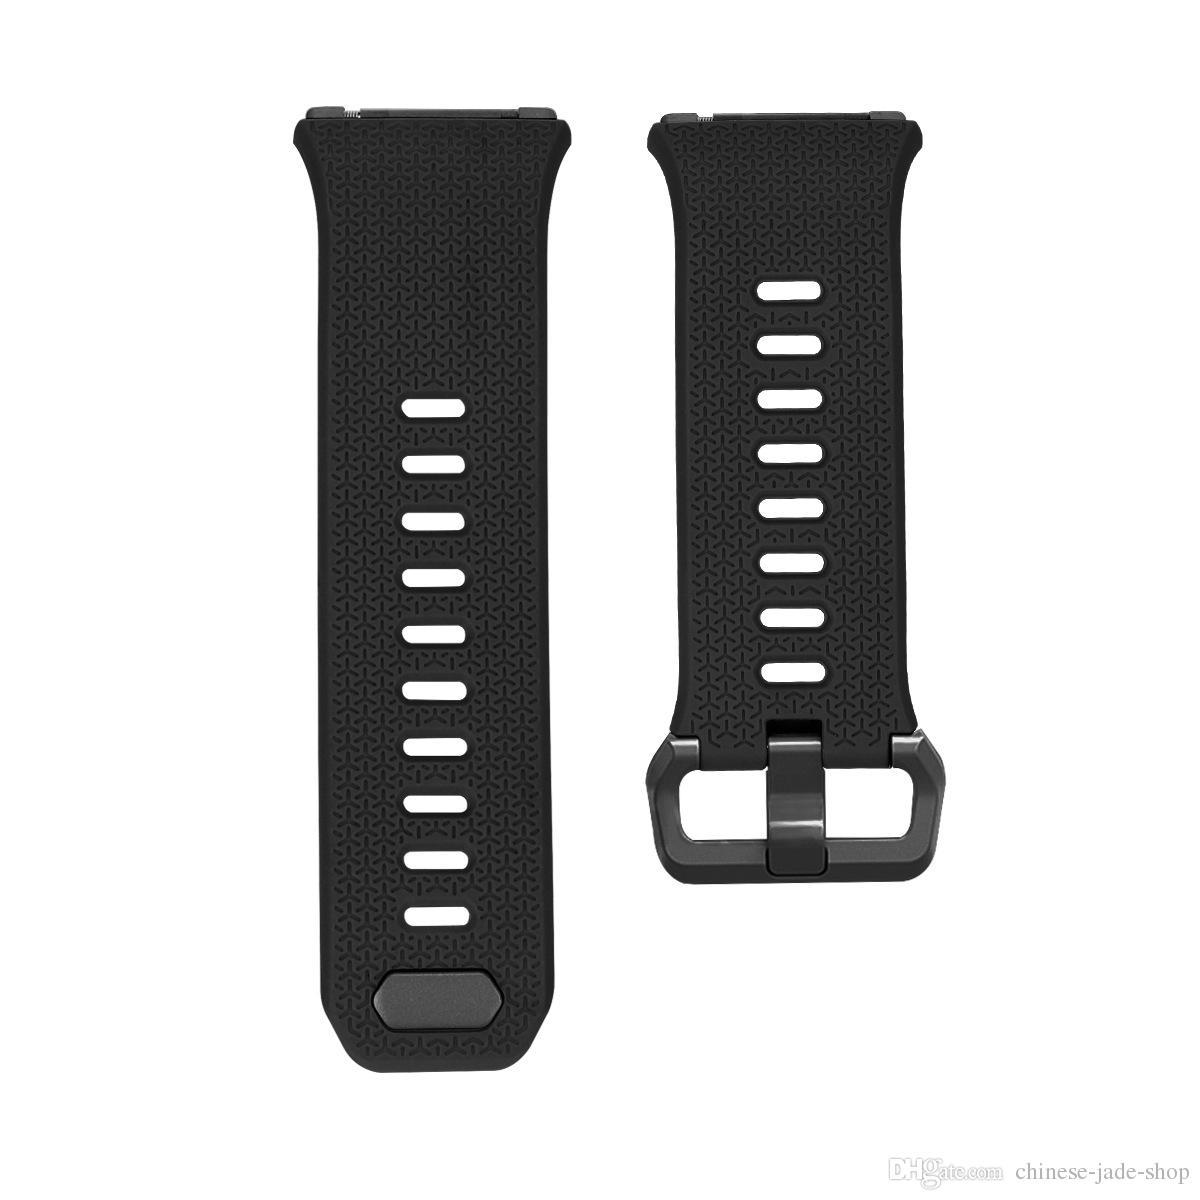 Pour Fitbit poignets ioniques poignet TPE Silicone Straps Band montre classique bandes de rechange / L